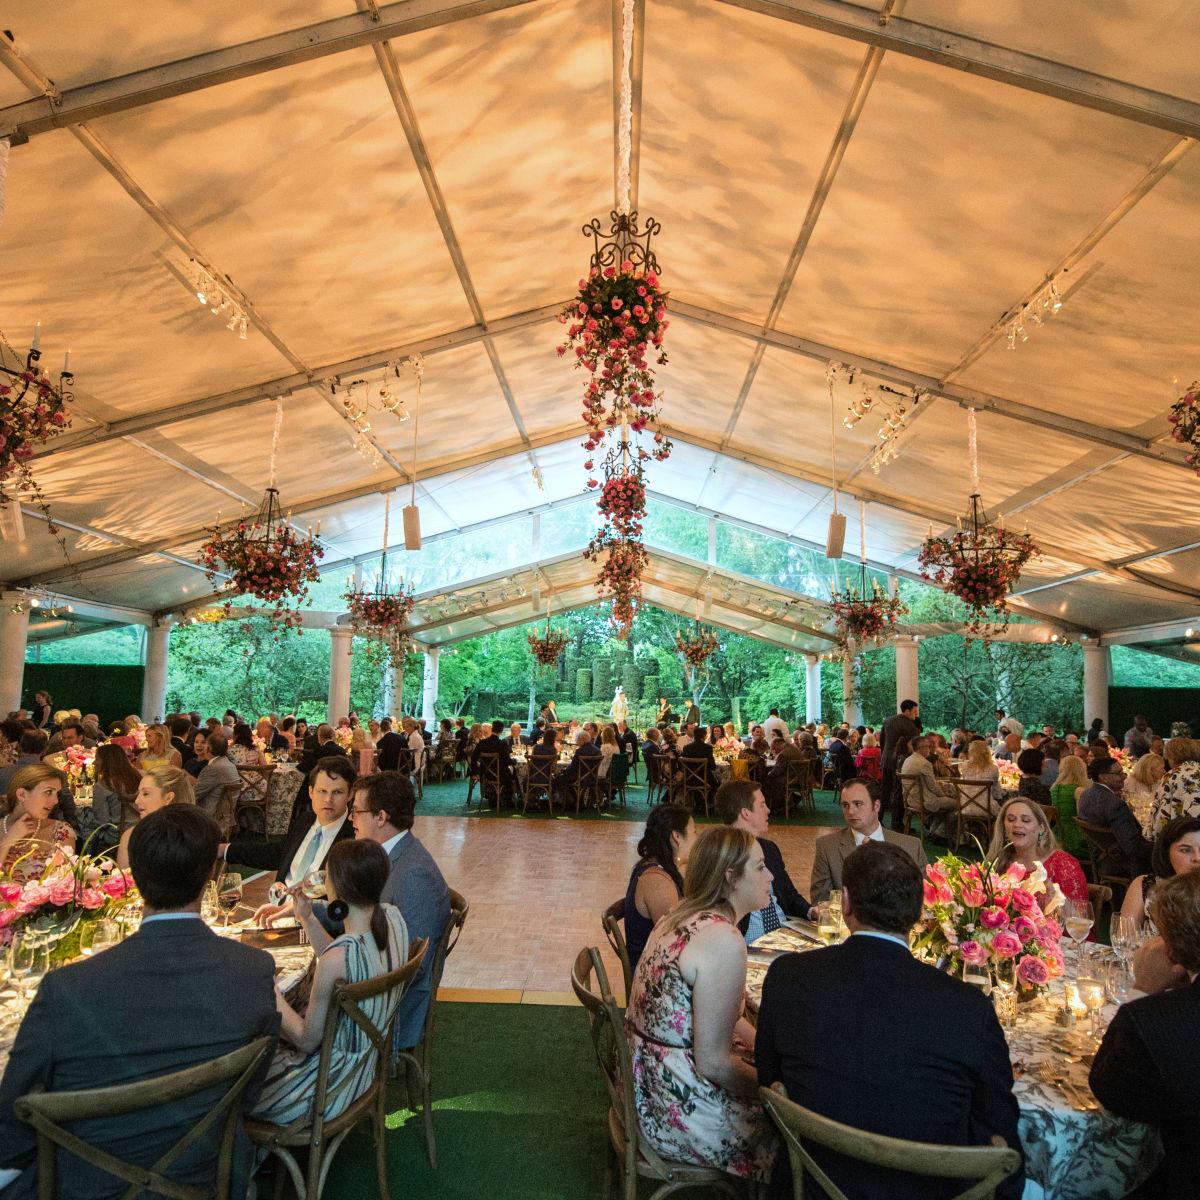 Houston, Bayou Bend Garden party, April 2017, Bayou Bend Garden Party decor